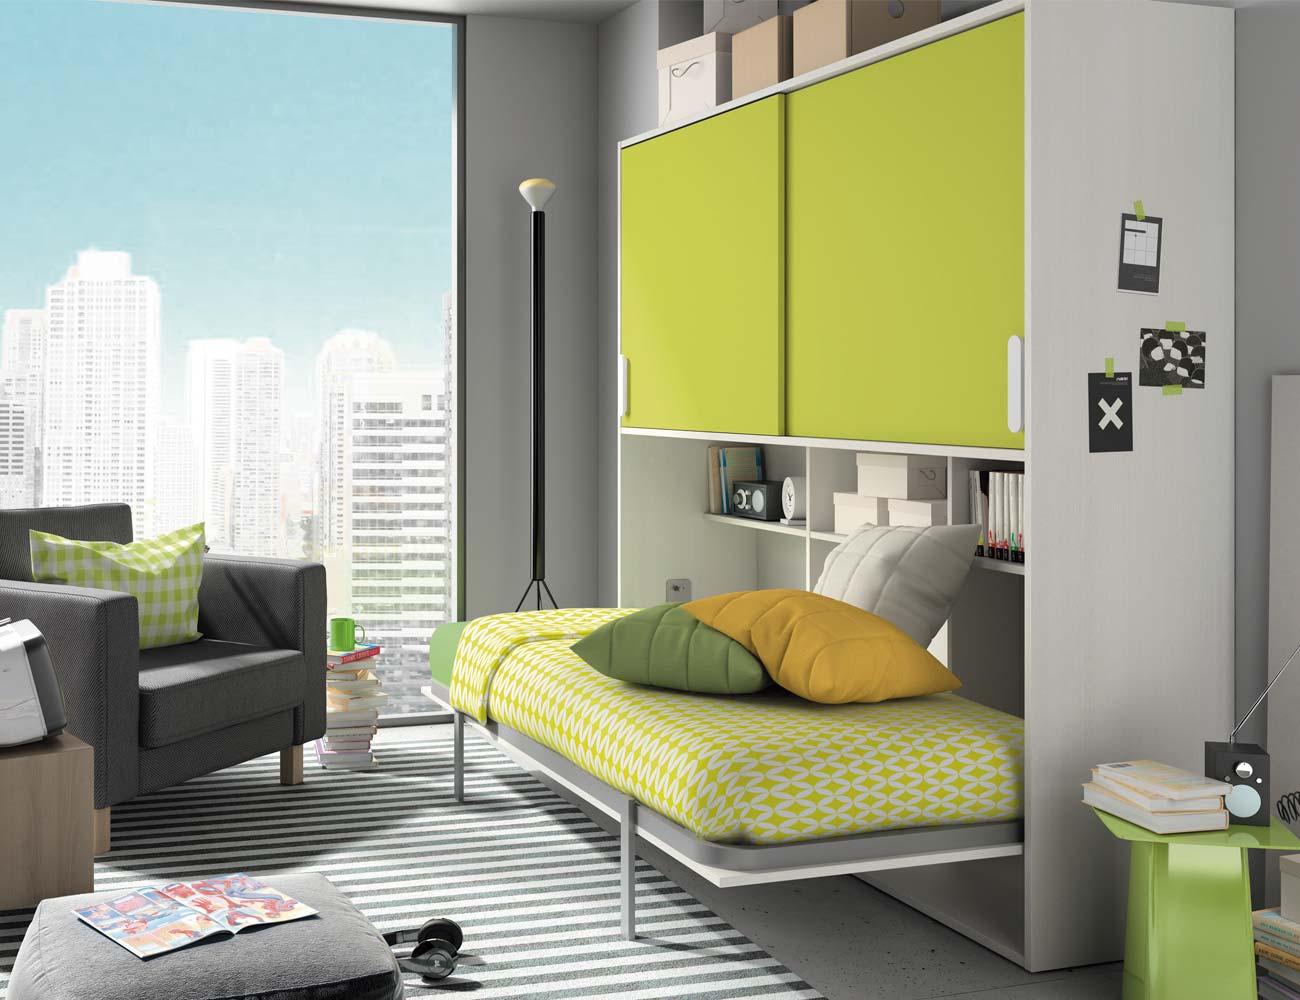 Composicion 307 dormitorio juvenil blanco kiwi